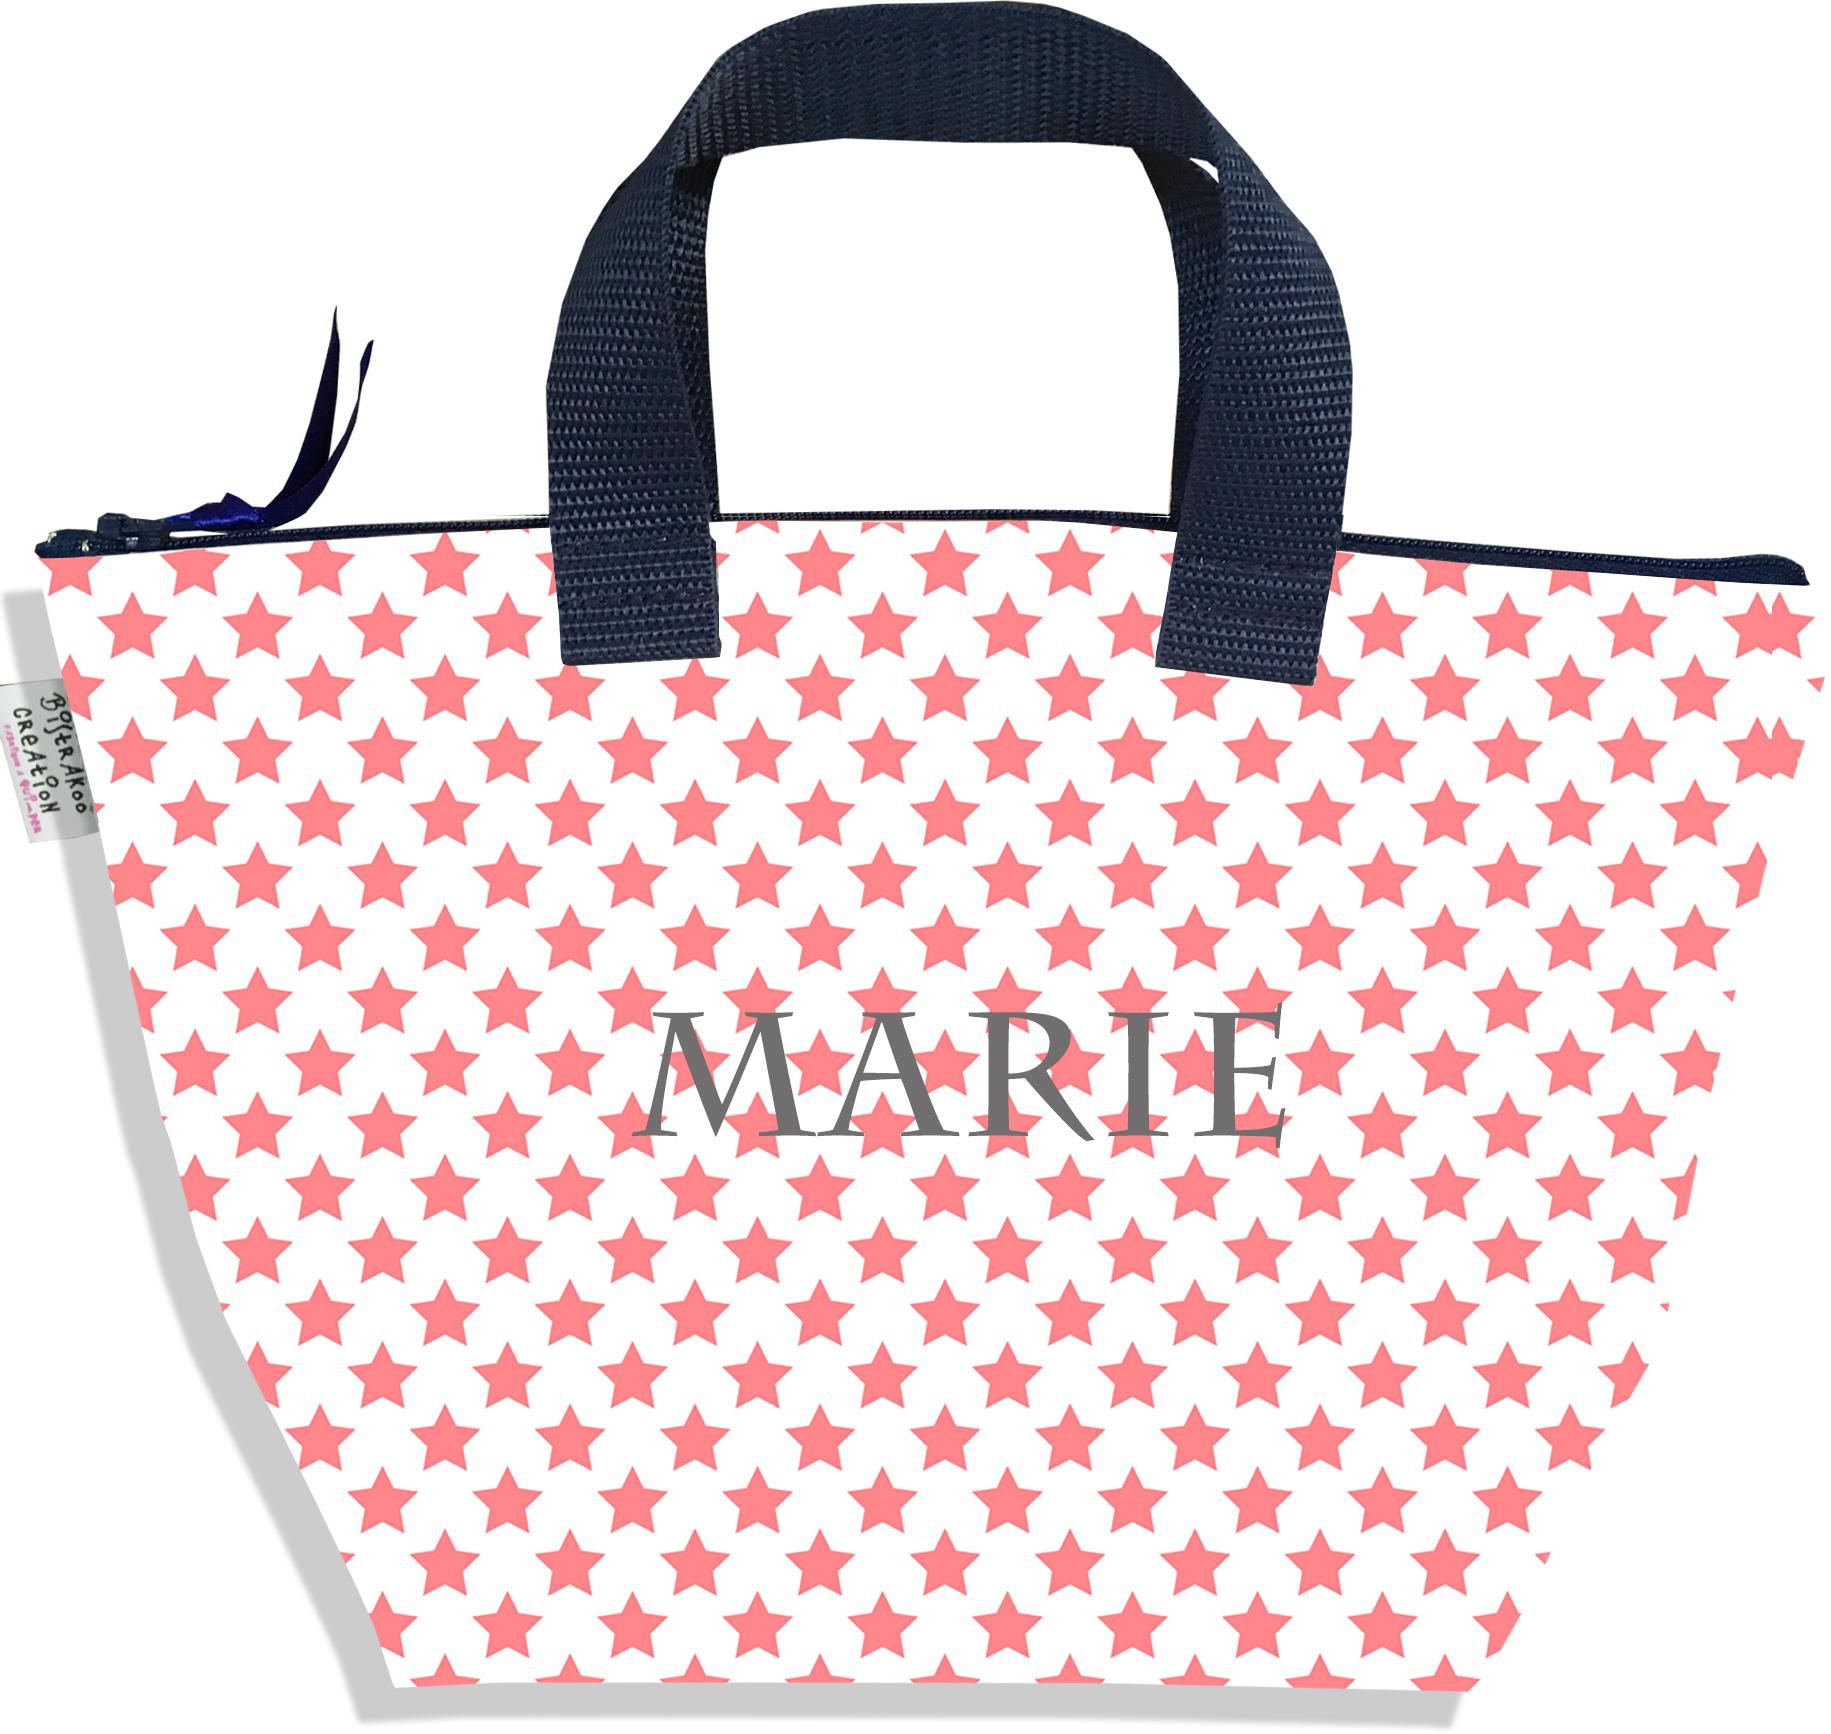 Sac à main zippé pour fille personnalisable motif Etoiles roses fond blanc P2089-2015